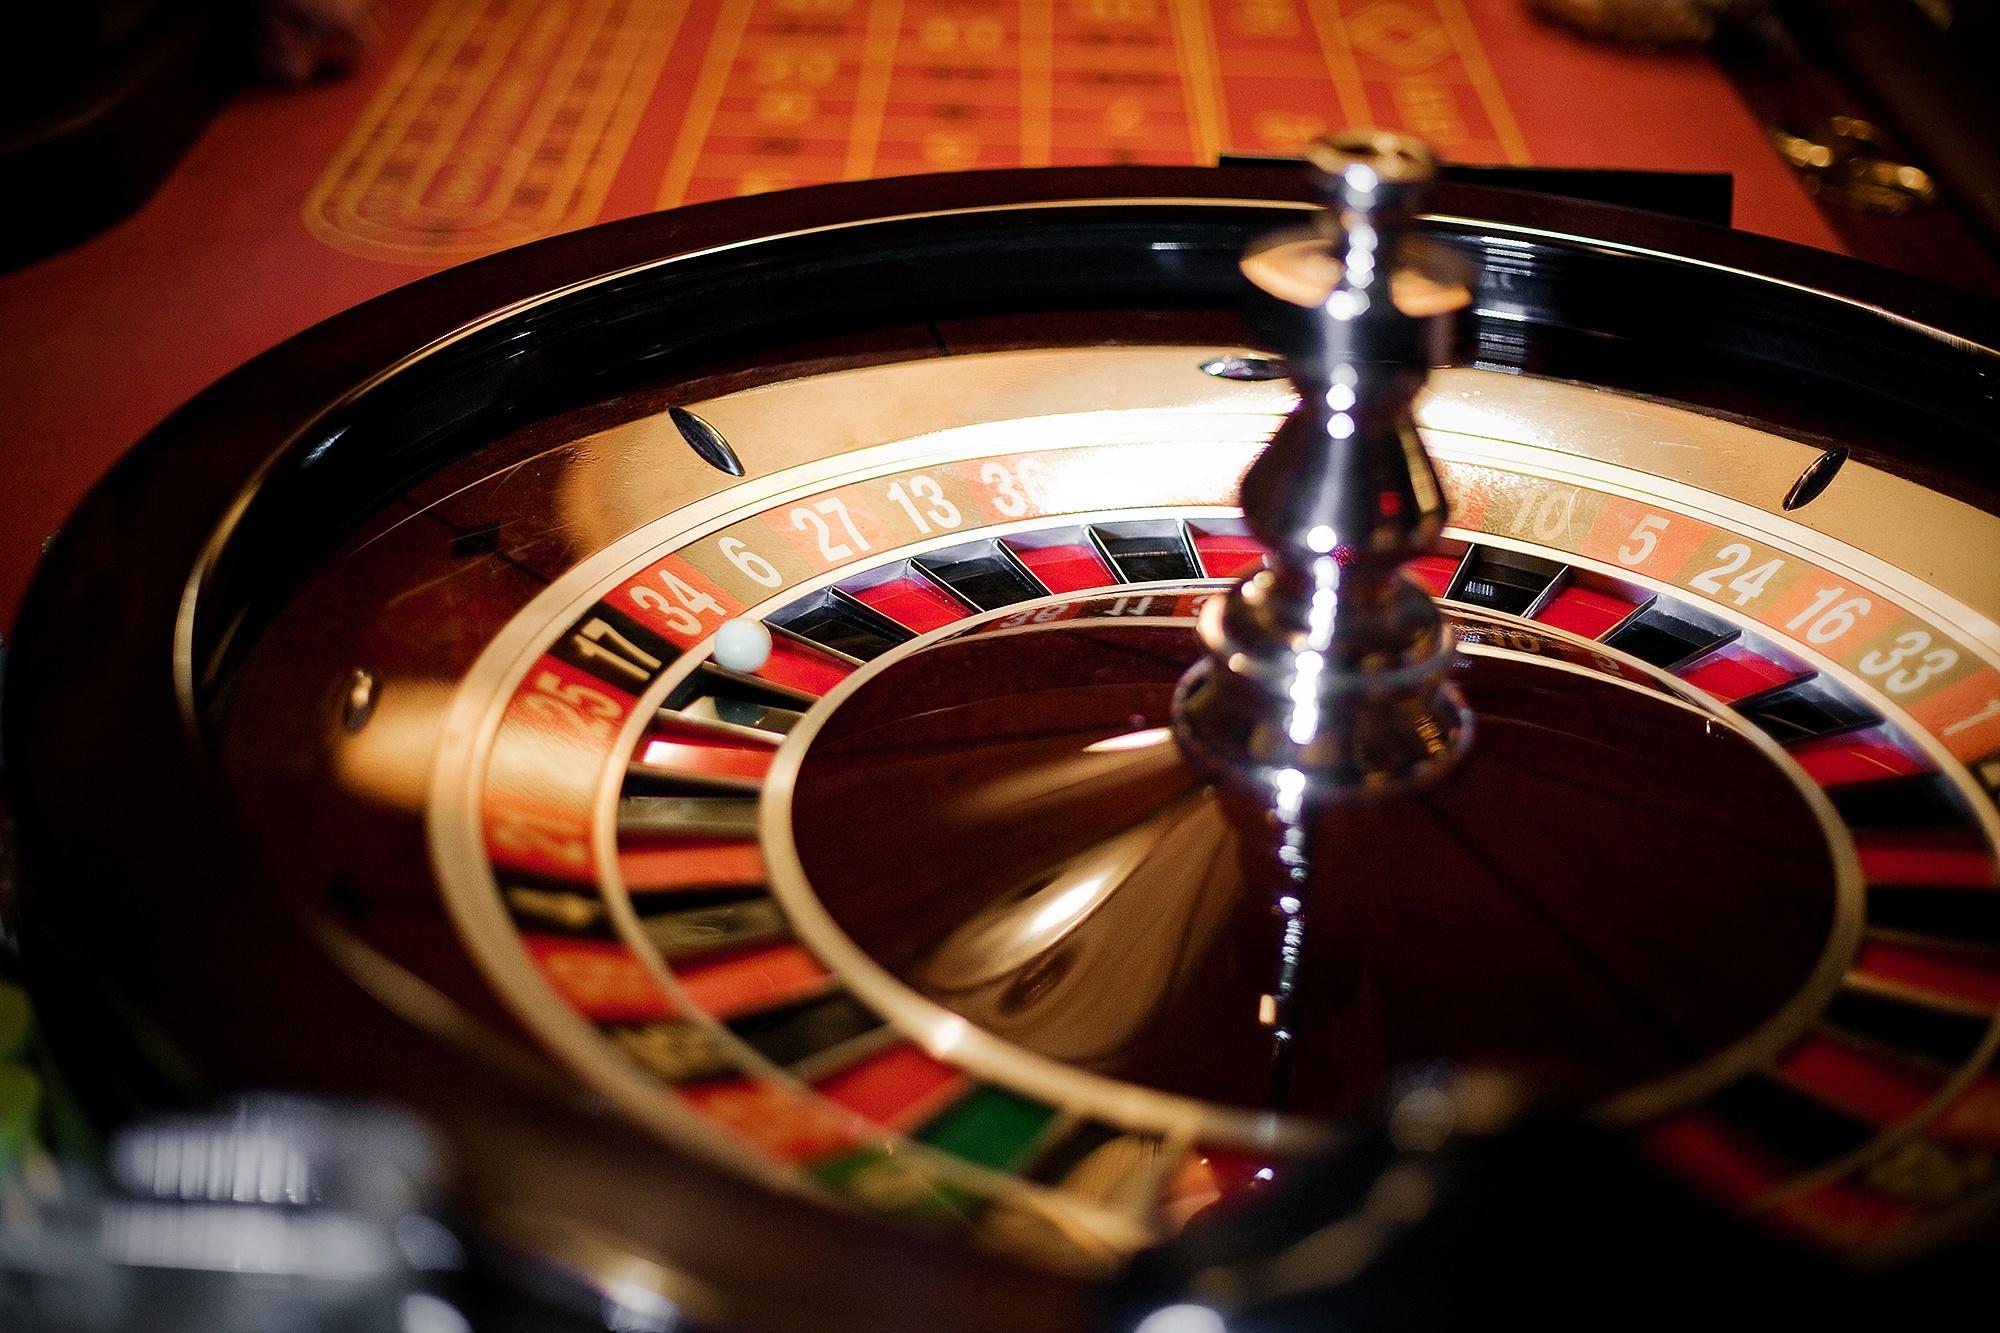 Клубника на деньги игровые автоматы